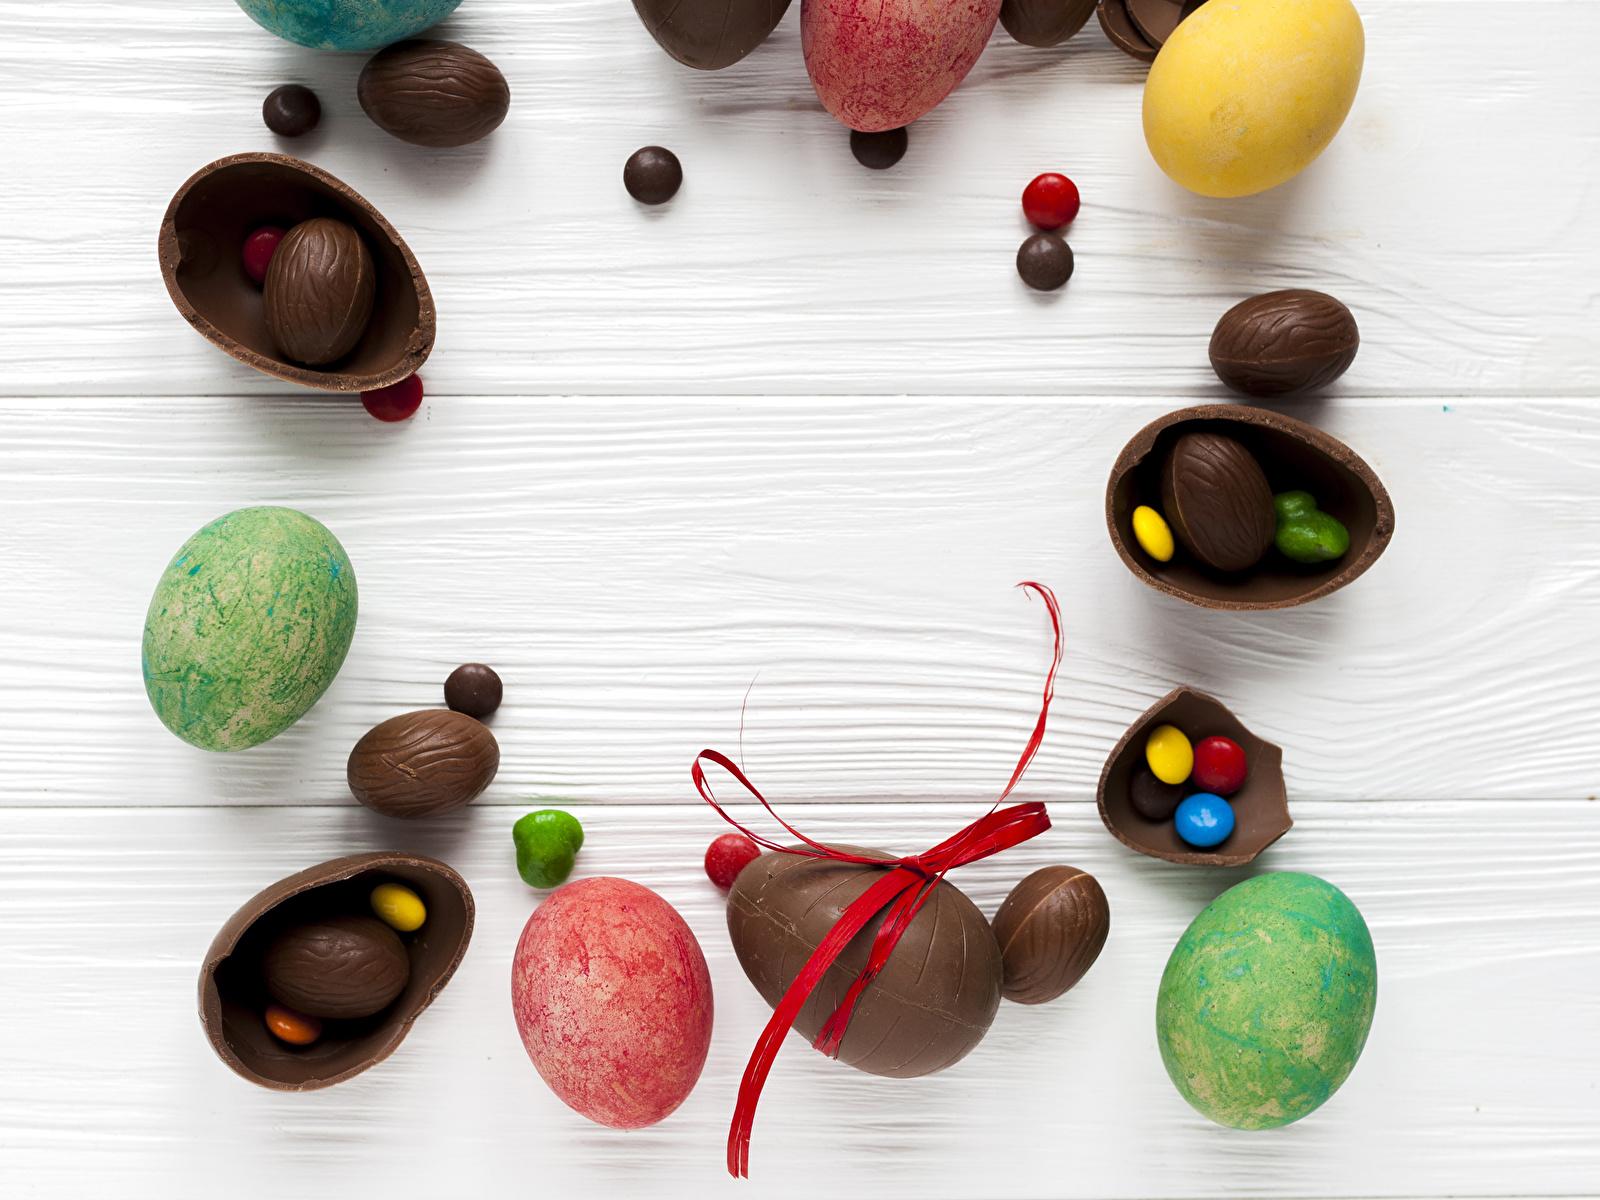 Картинка Пасха яйцо Шоколад Конфеты Еда Сладости Доски 1600x1200 яиц Яйца яйцами Пища Продукты питания сладкая еда